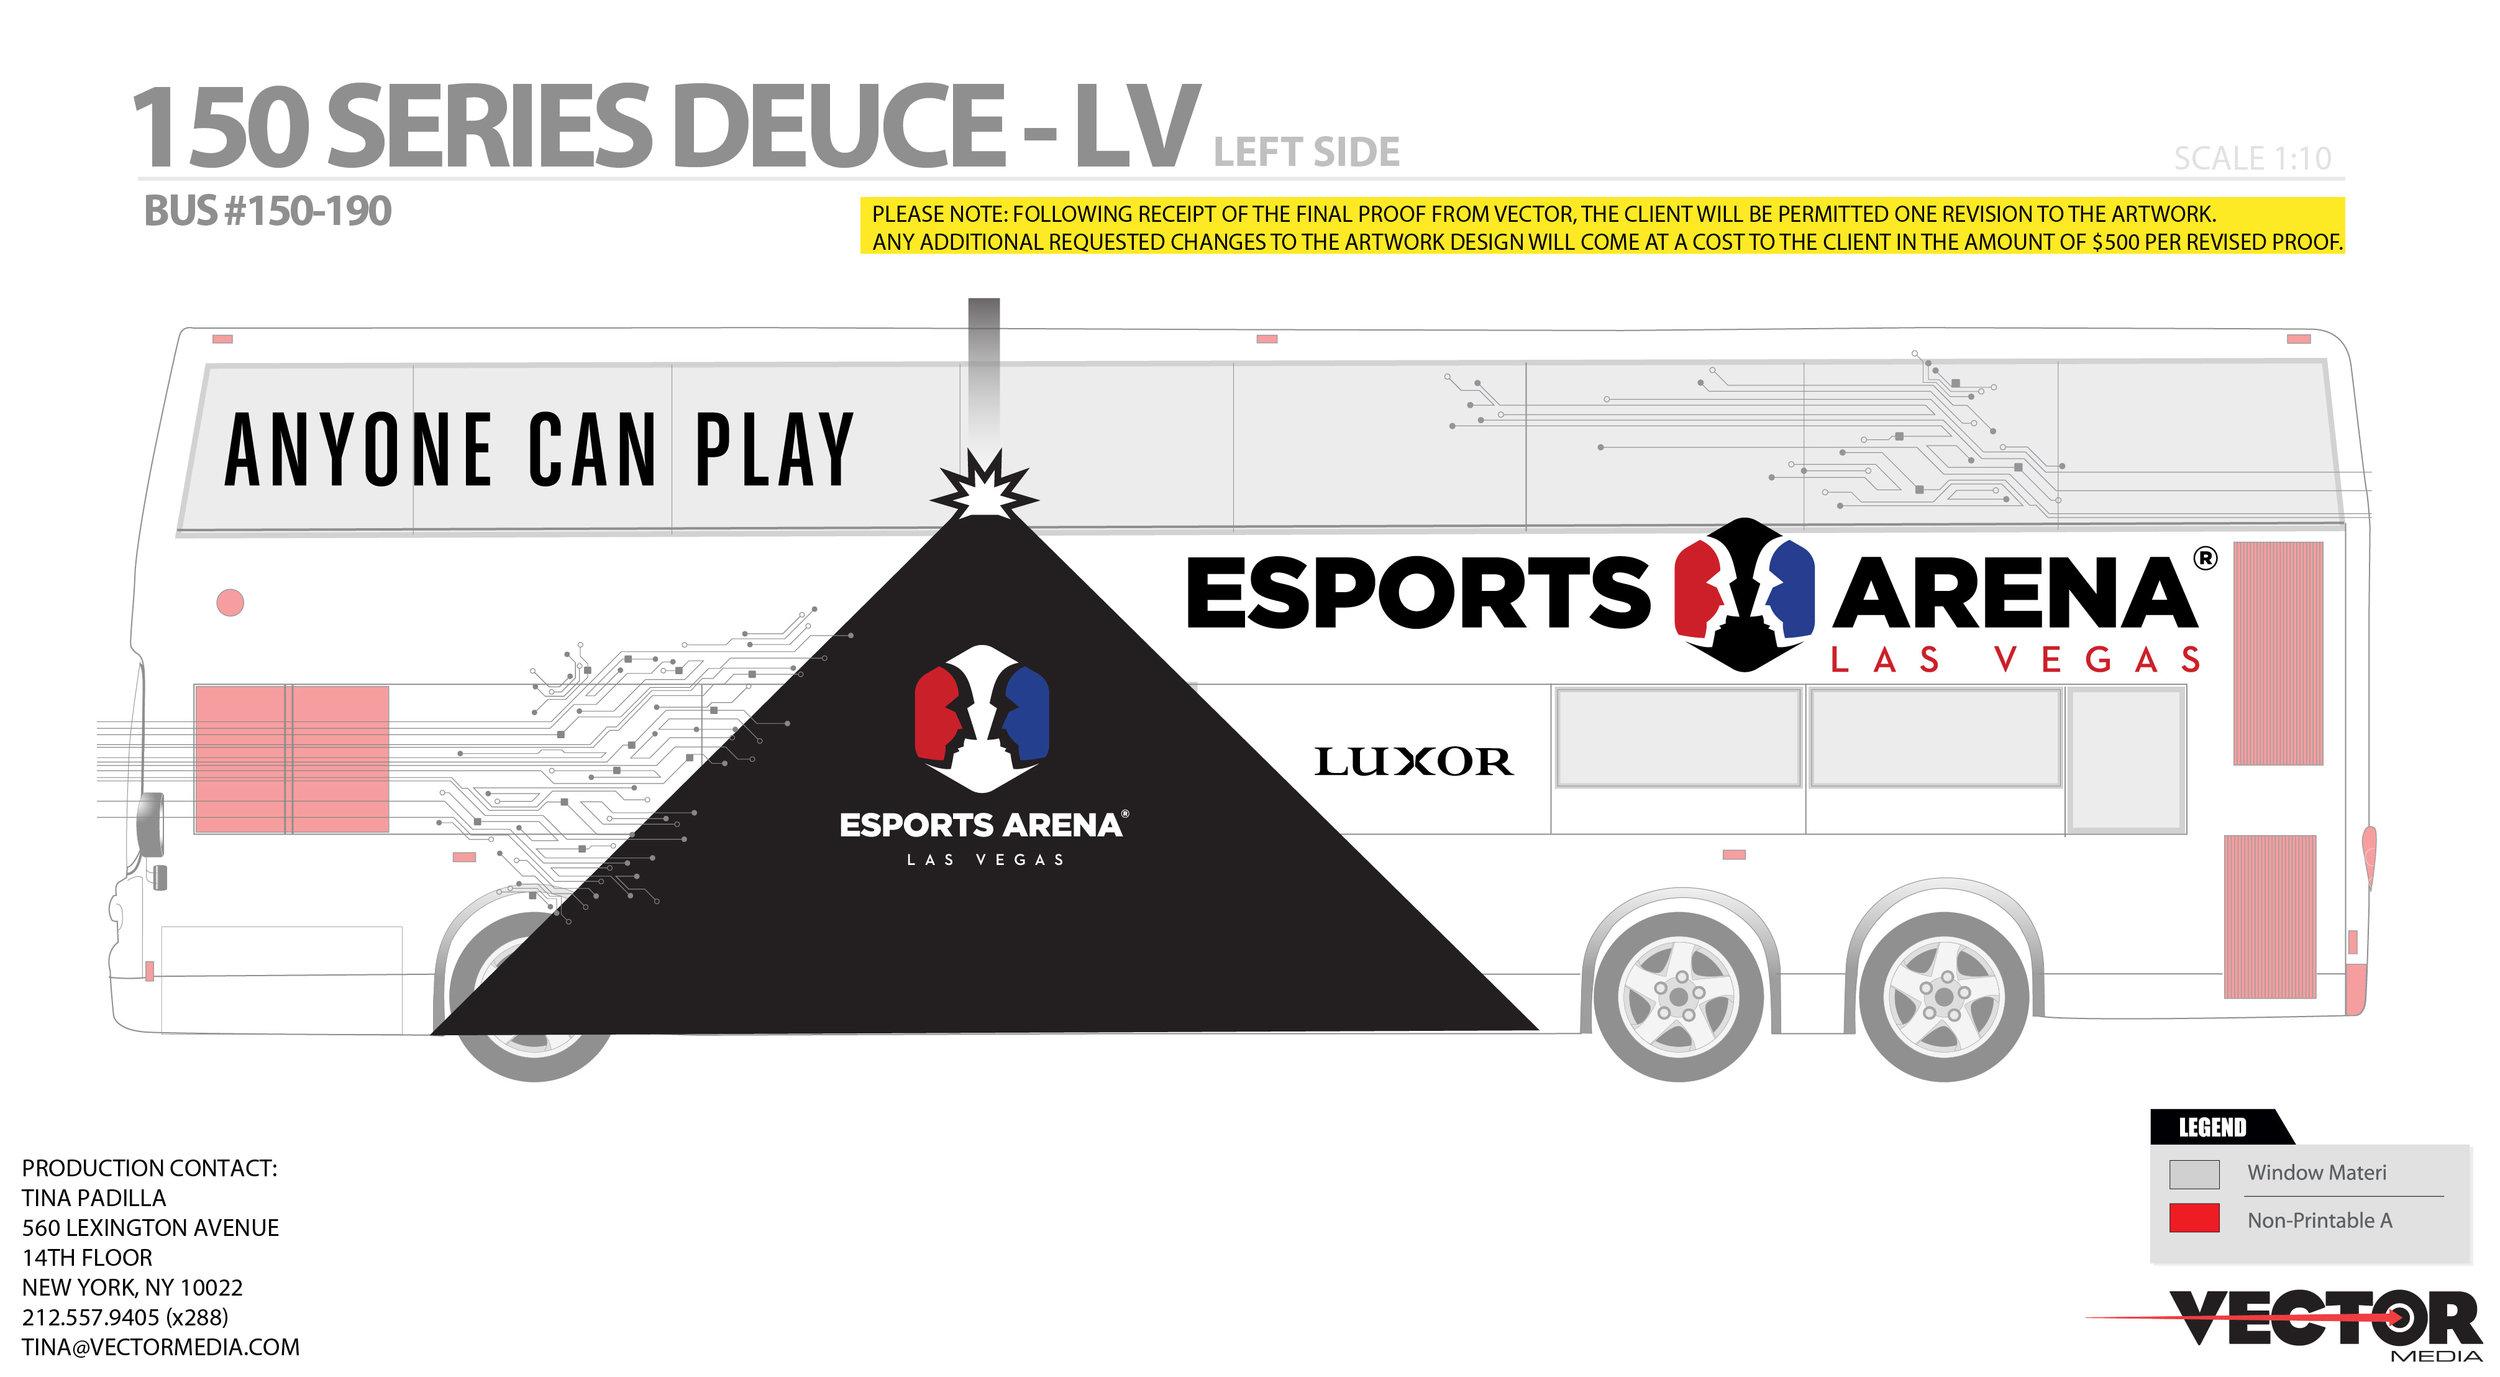 Deuce Bus_LV LEFT.jpg